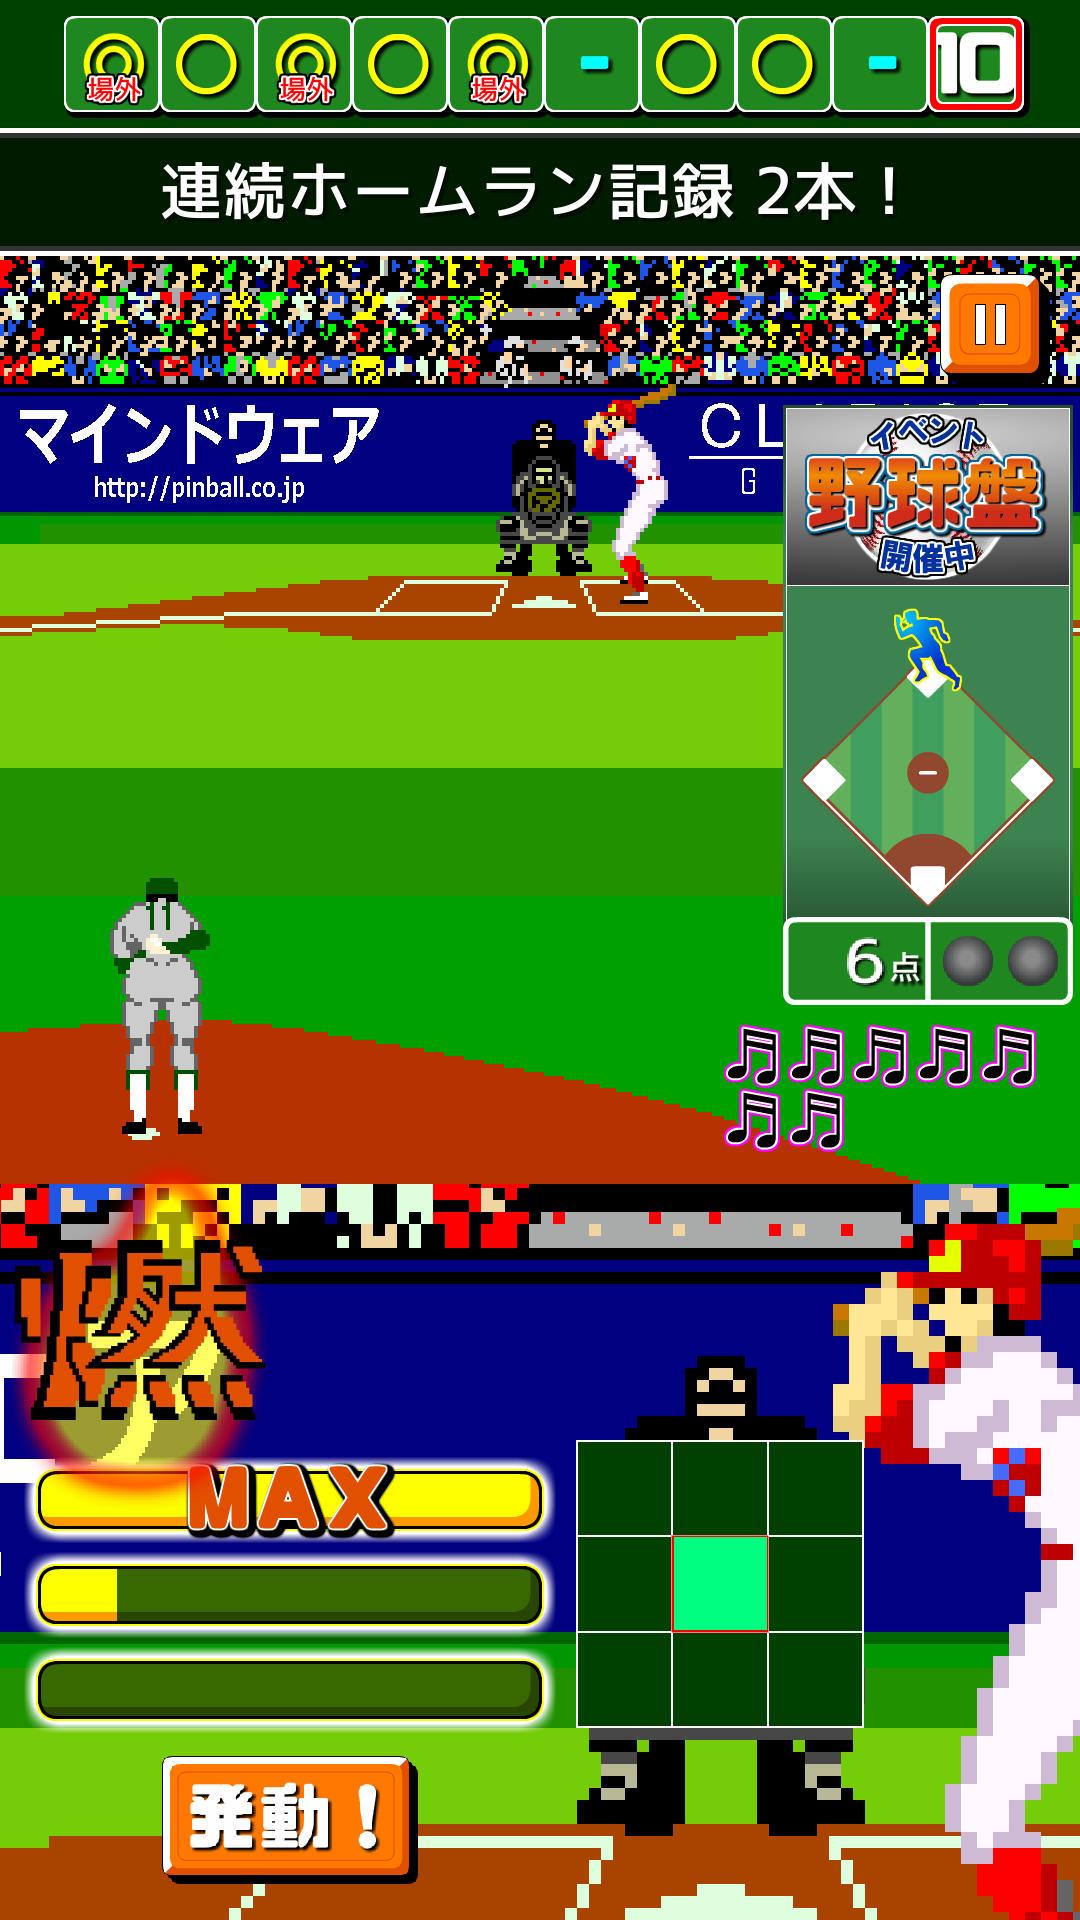 燃えろ!!プロ野球の画像 p1_37